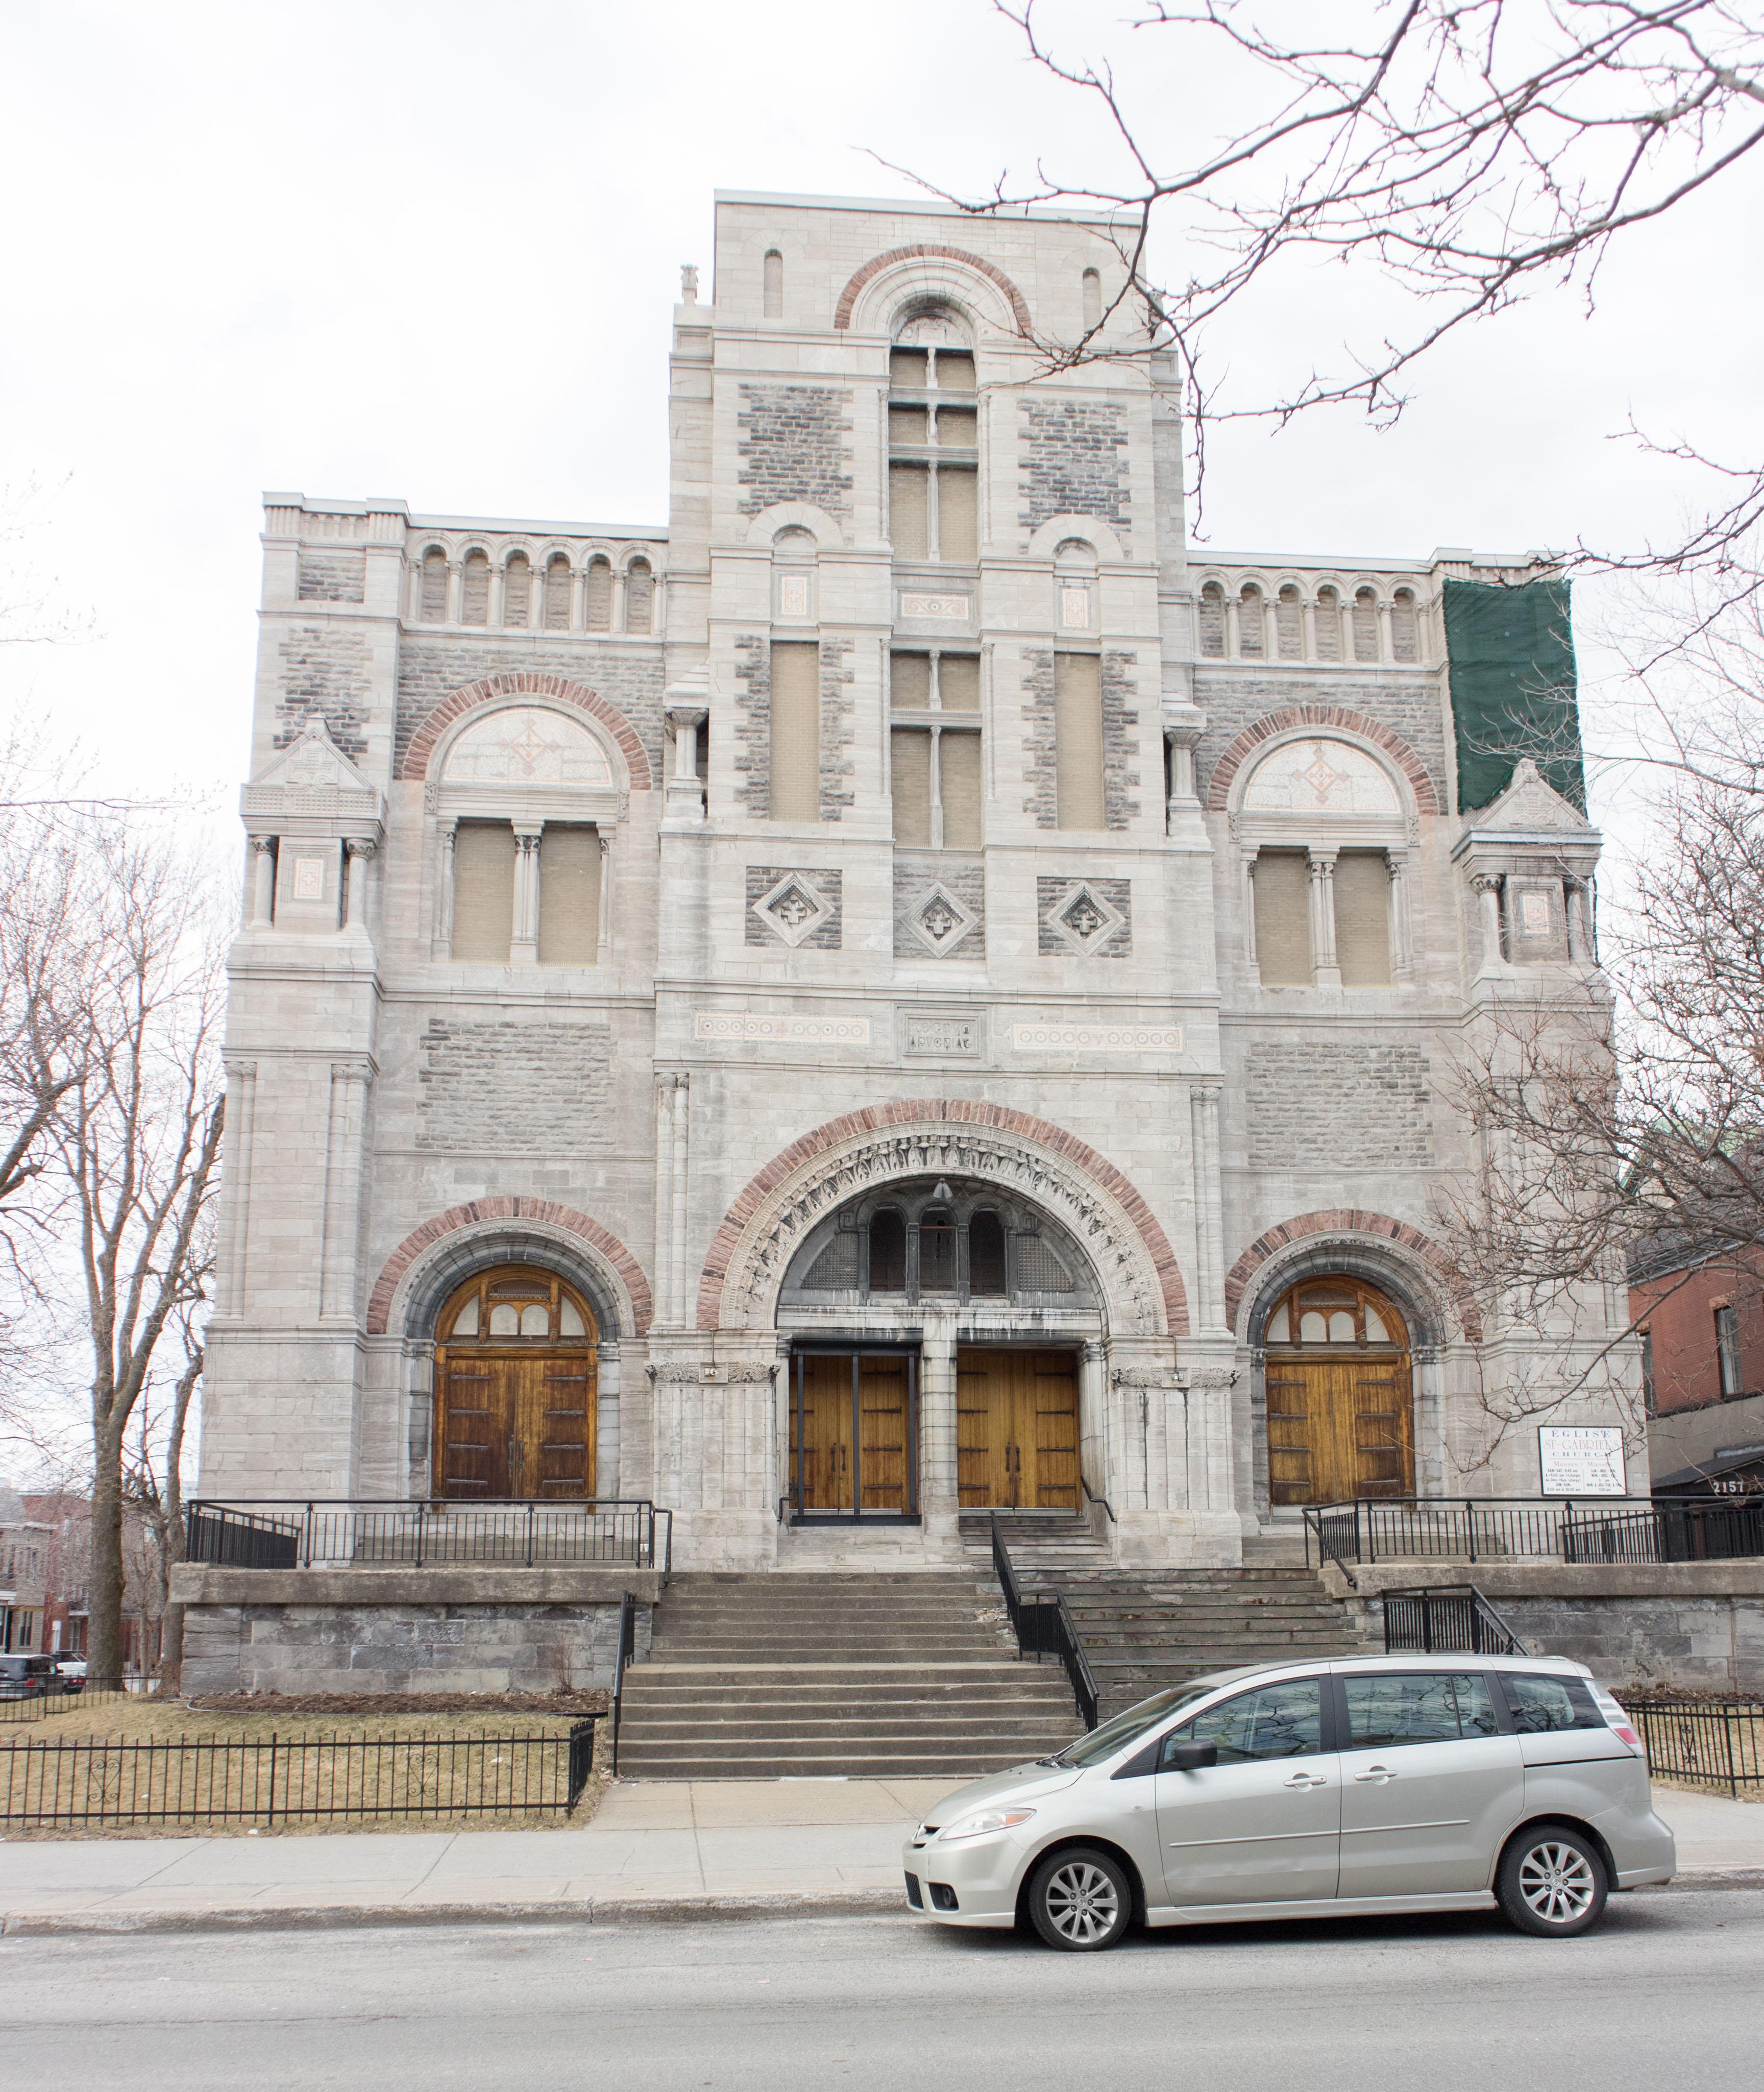 Photo couleur de la façade de l'église Saint-Gabriel